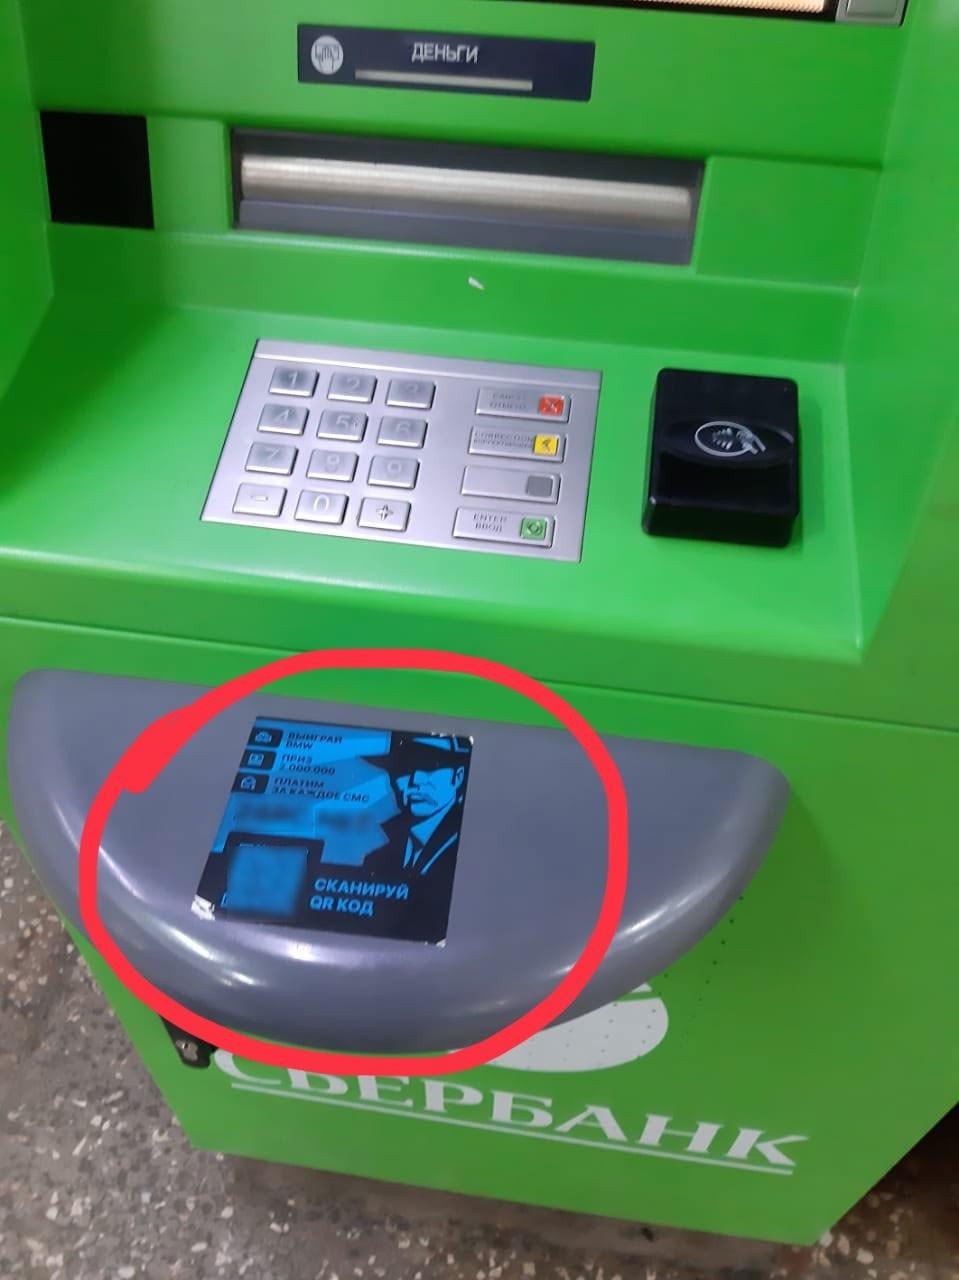 Рекламу с конкурсом от наркофорума клеят даже на банкоматы Сбербанка